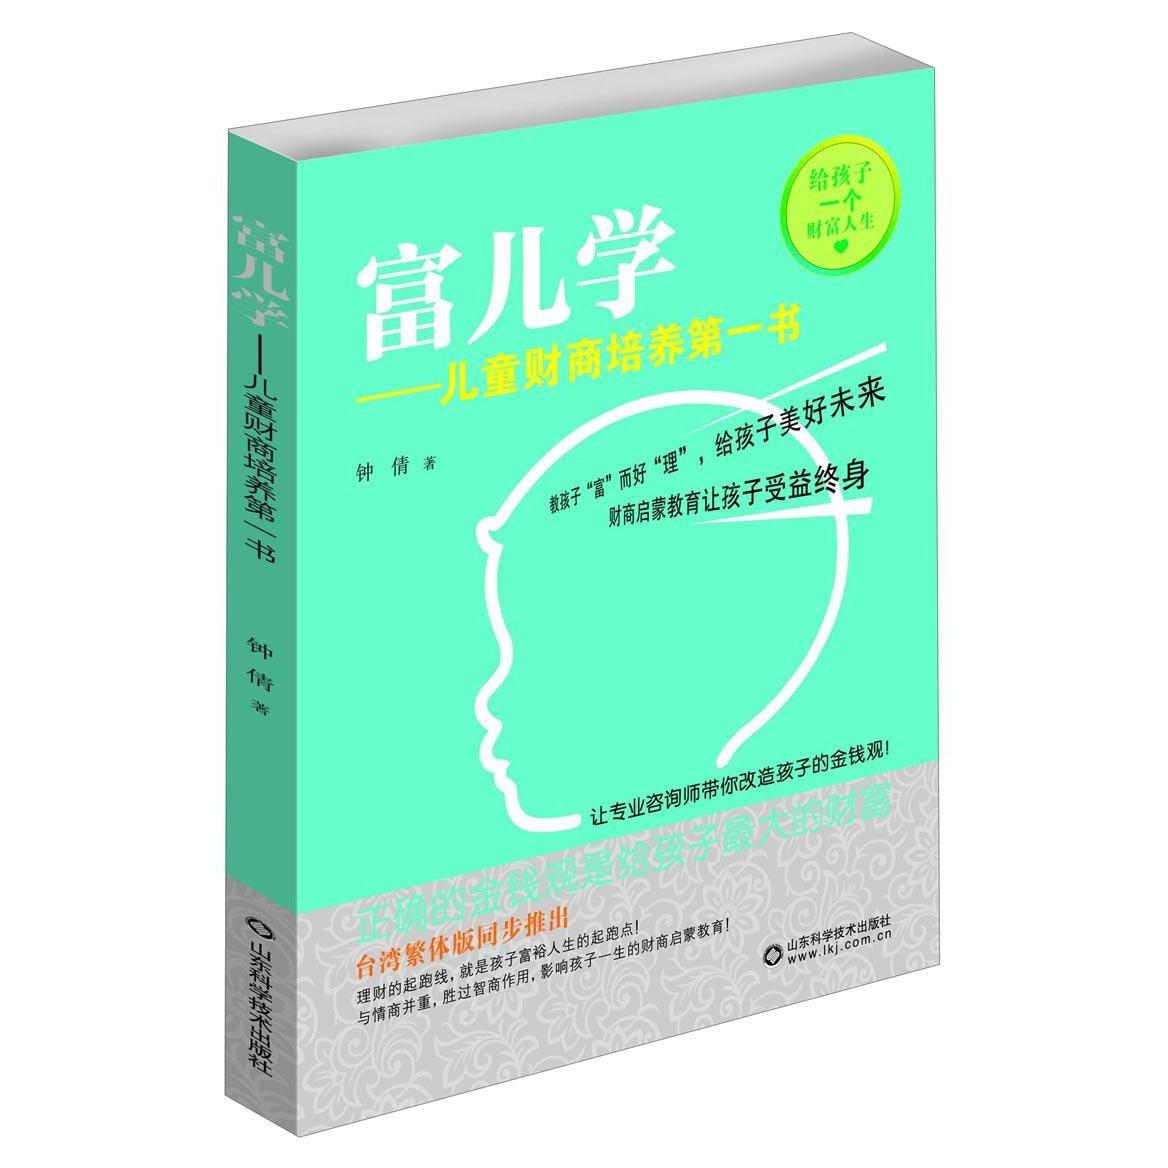 富儿学:儿童财商培养第一书 怎么样 - 亚米网